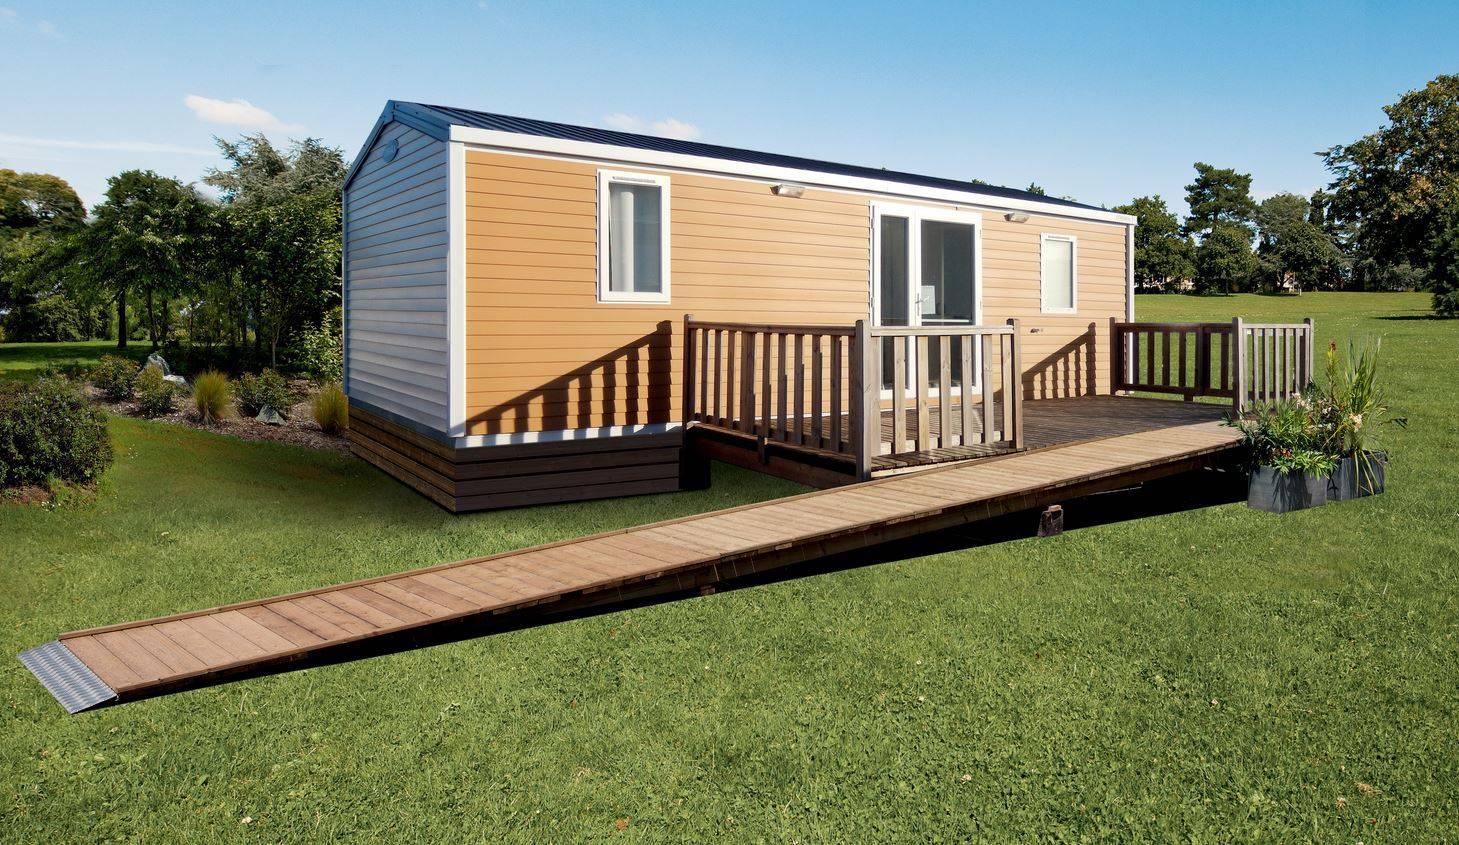 camping pas cher dans les hautes pyr n es camping du lavedan montagne midi pyr n es. Black Bedroom Furniture Sets. Home Design Ideas